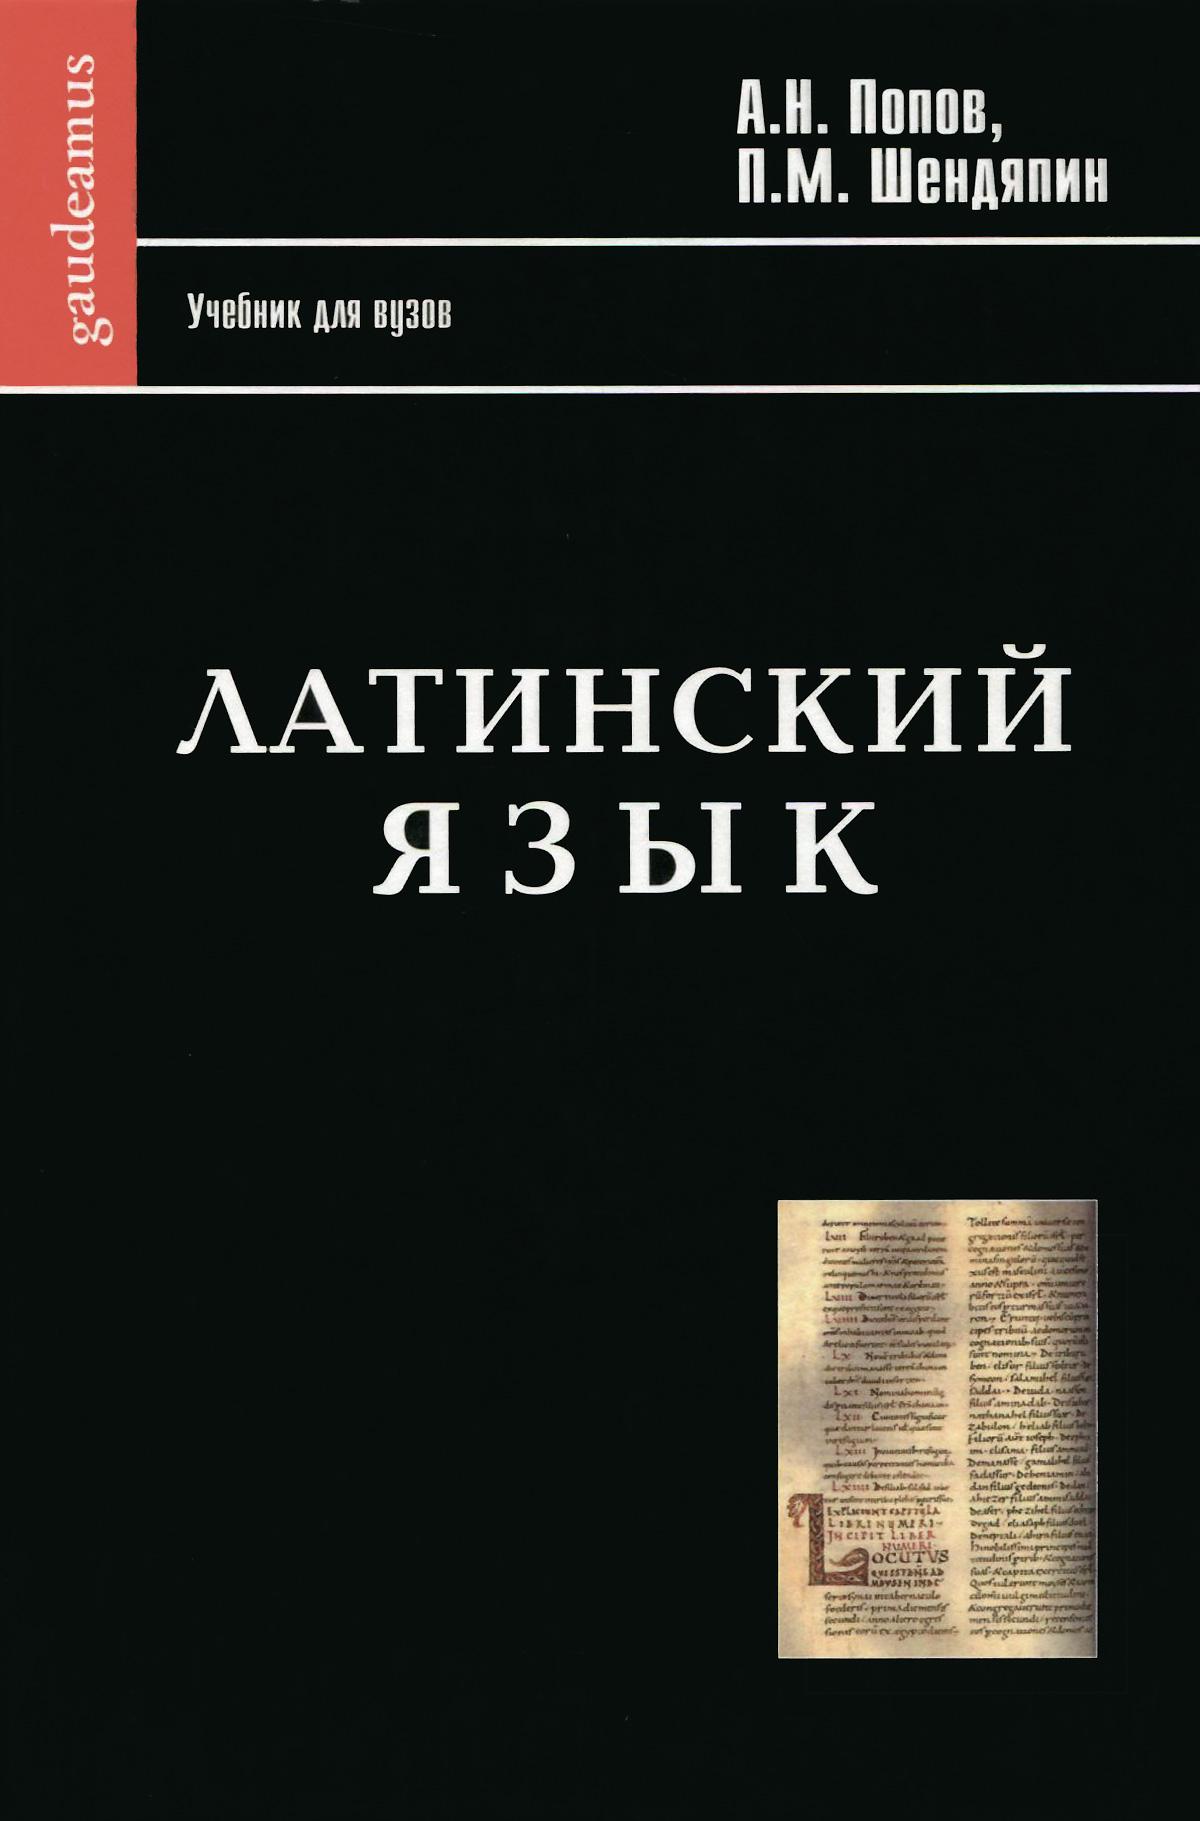 Латинский язык. Учебник для вузов